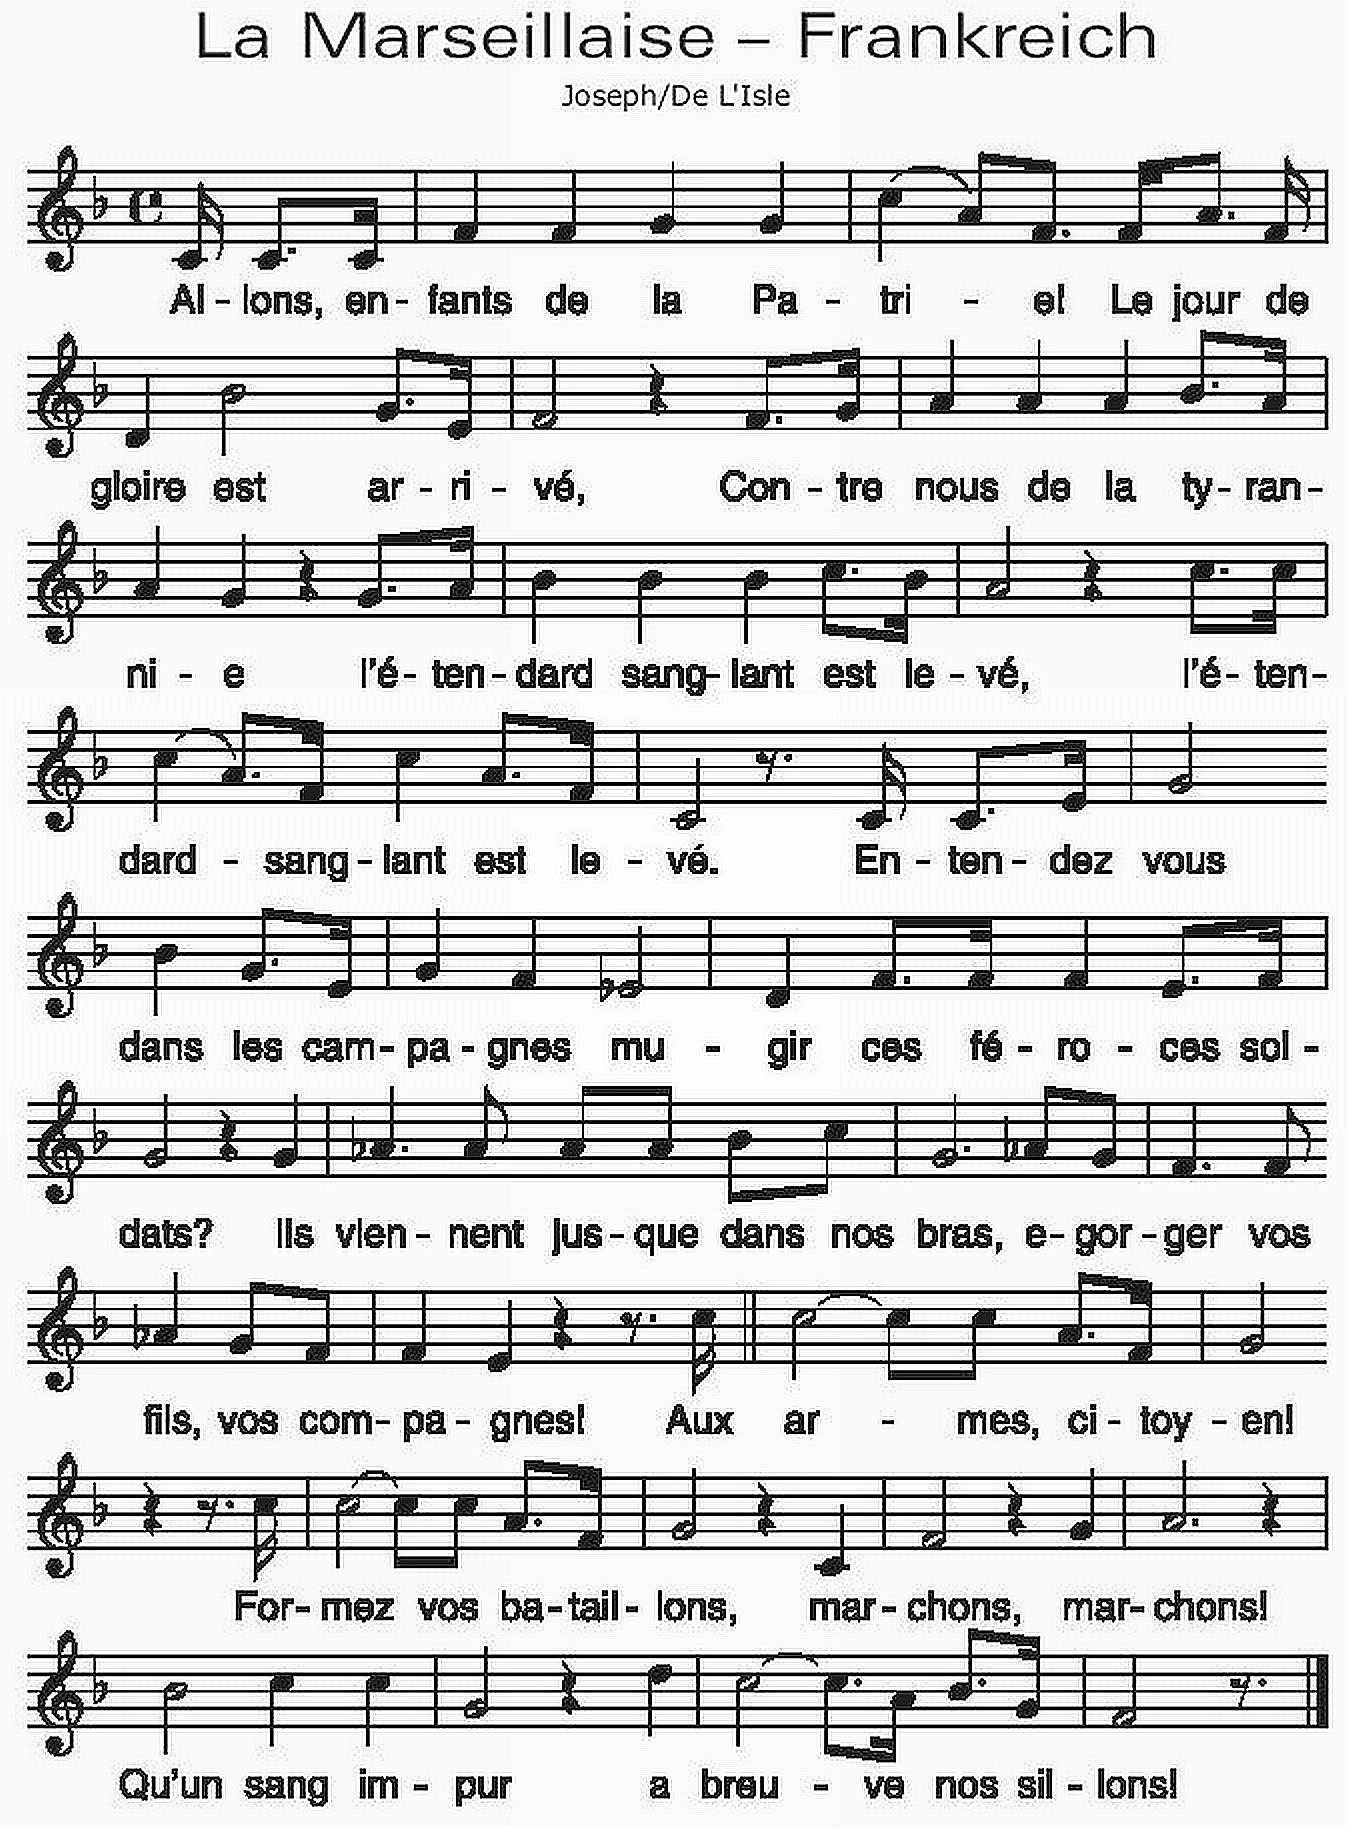 Franzosische hymne deutsch